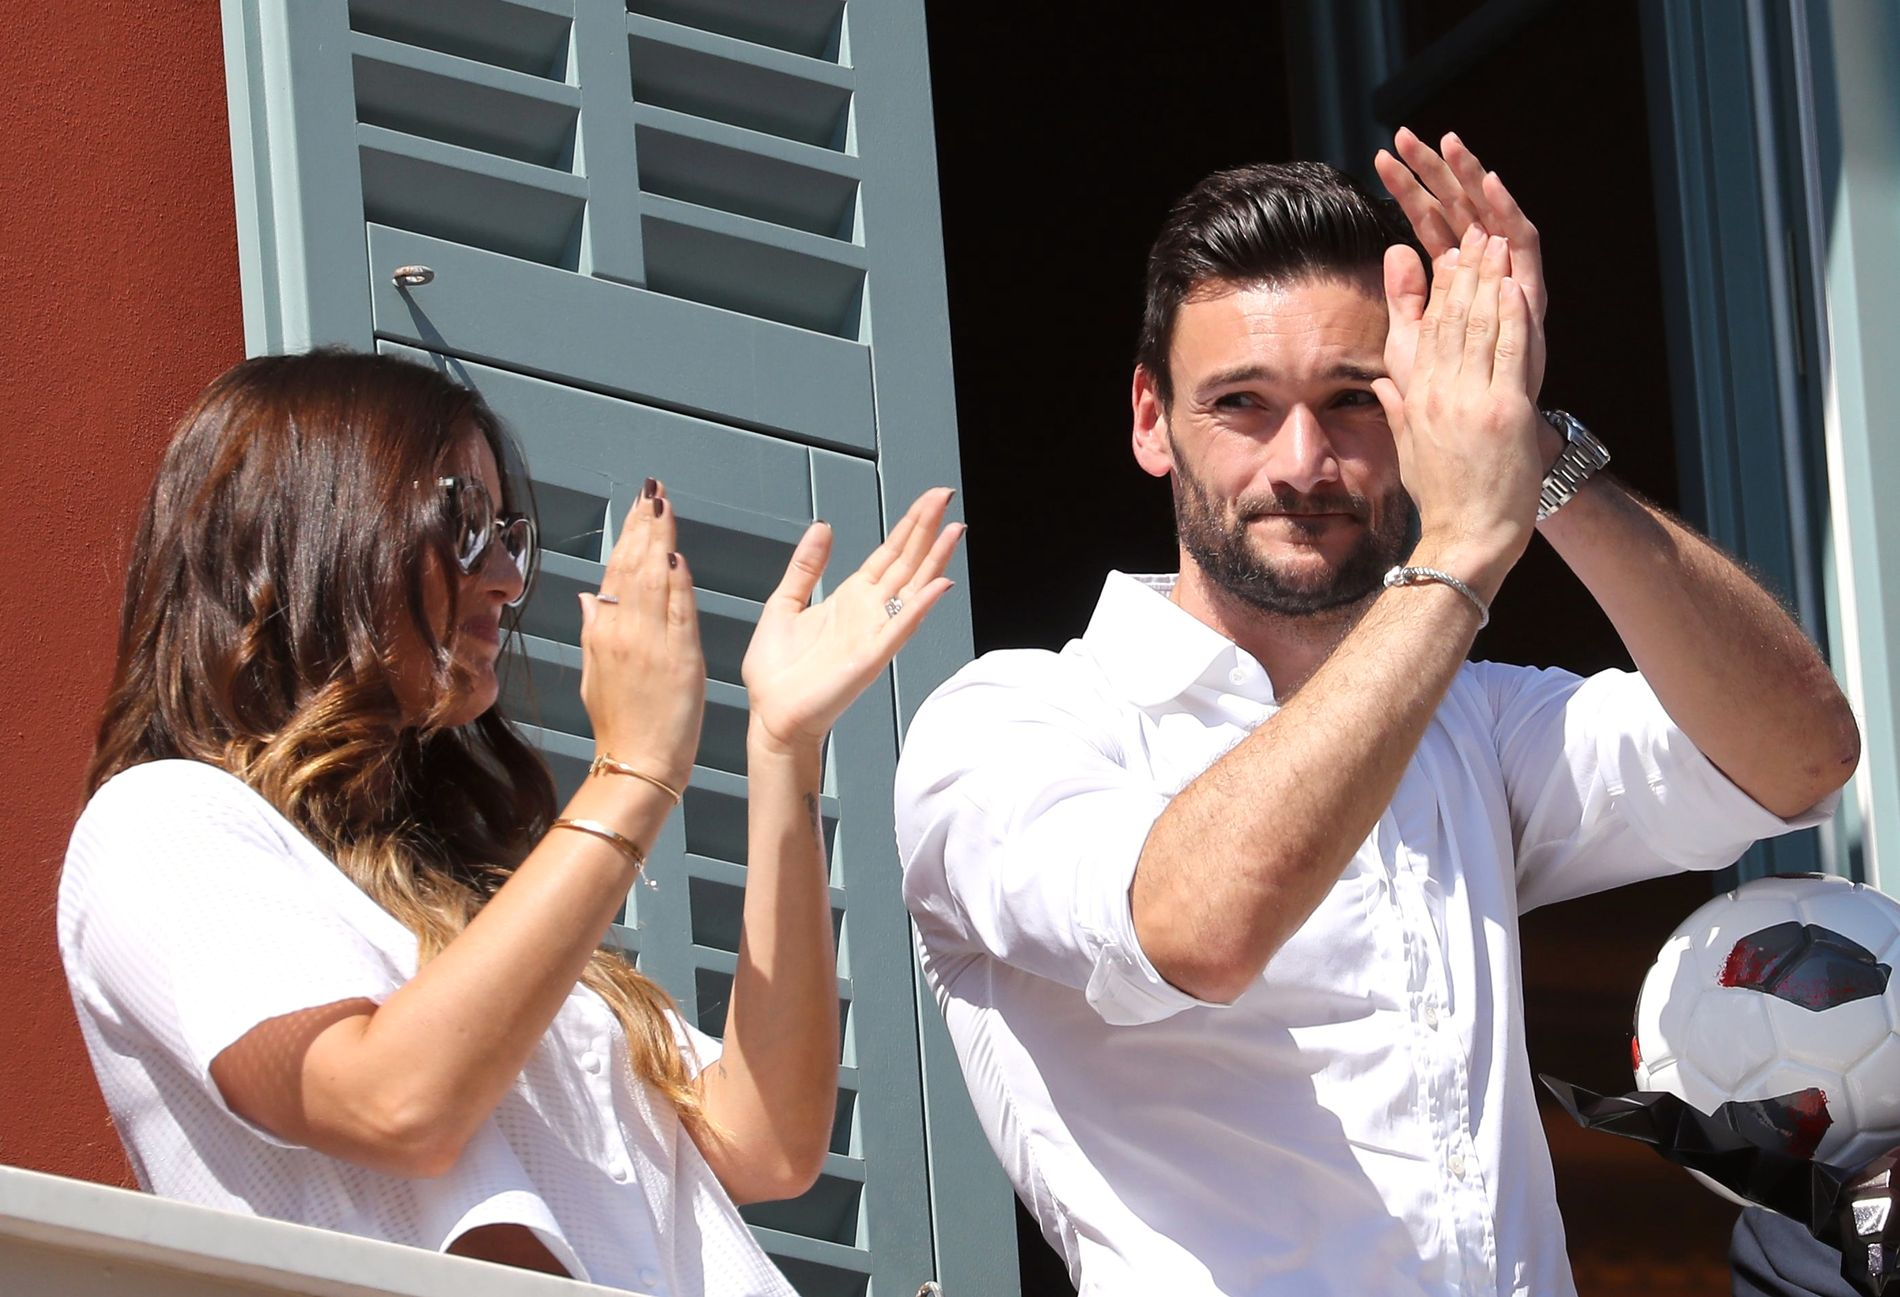 GULL-DUO: Hugo Lloris og kona Marine mottar folkets hyllest hjemme i Nice etter sommerens gull i fotball-VM.